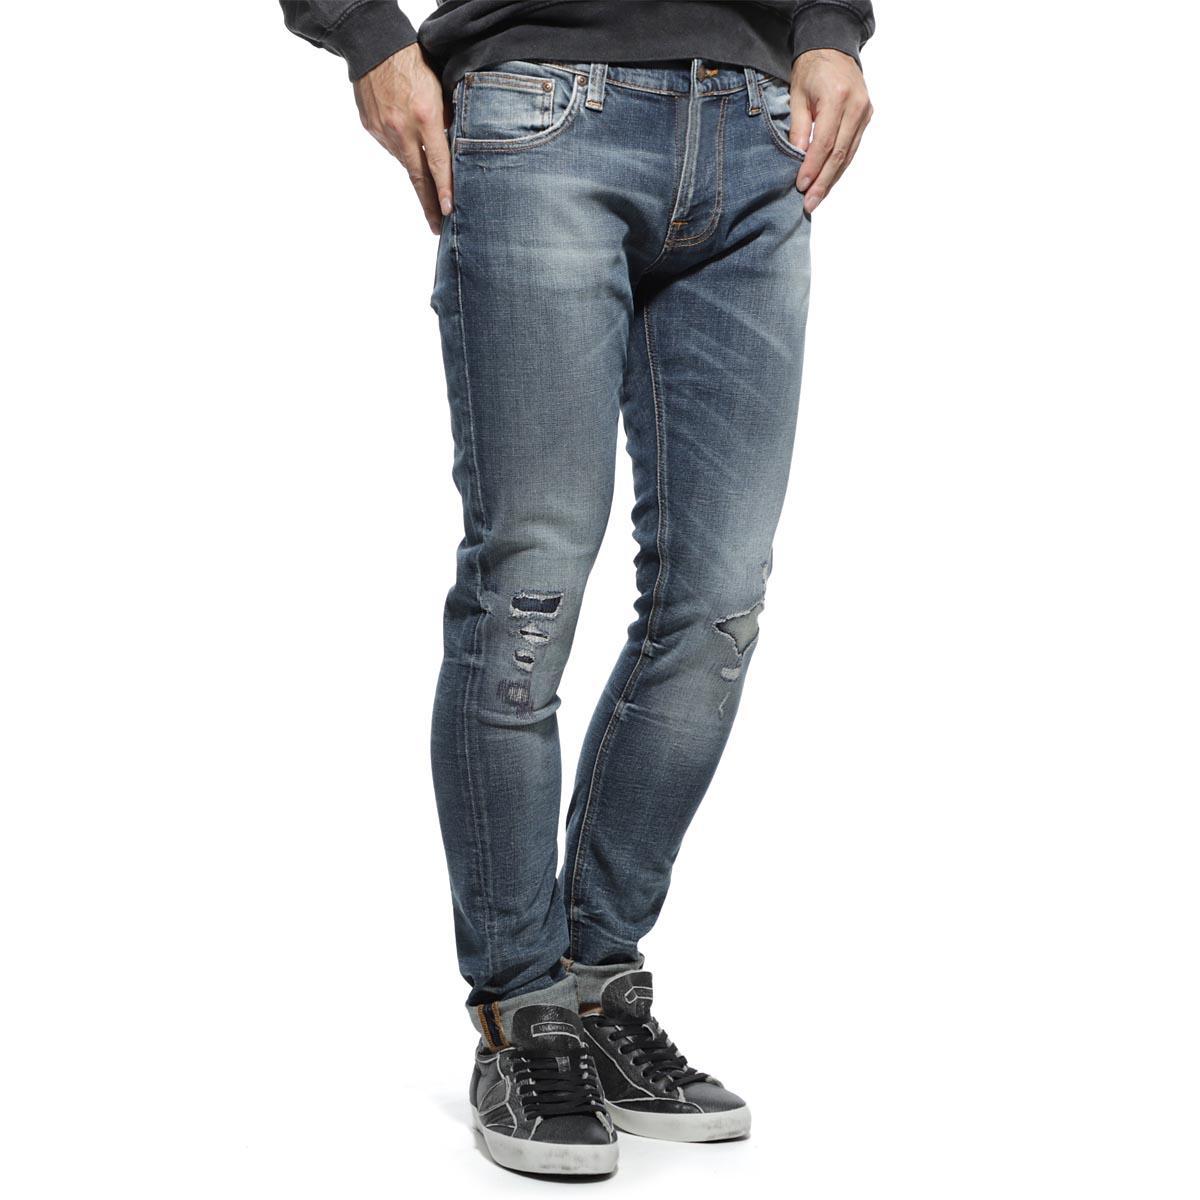 【アウトレット】ヌーディージーンズ nudie jeans co ストレッチジーンズ ブルー メンズ デニム オーガニックコットン tight terry 113115 TIGHT TERRY タイトテリー レングス32【あす楽対応_関東】【返品送料無料】【ラッピング無料】